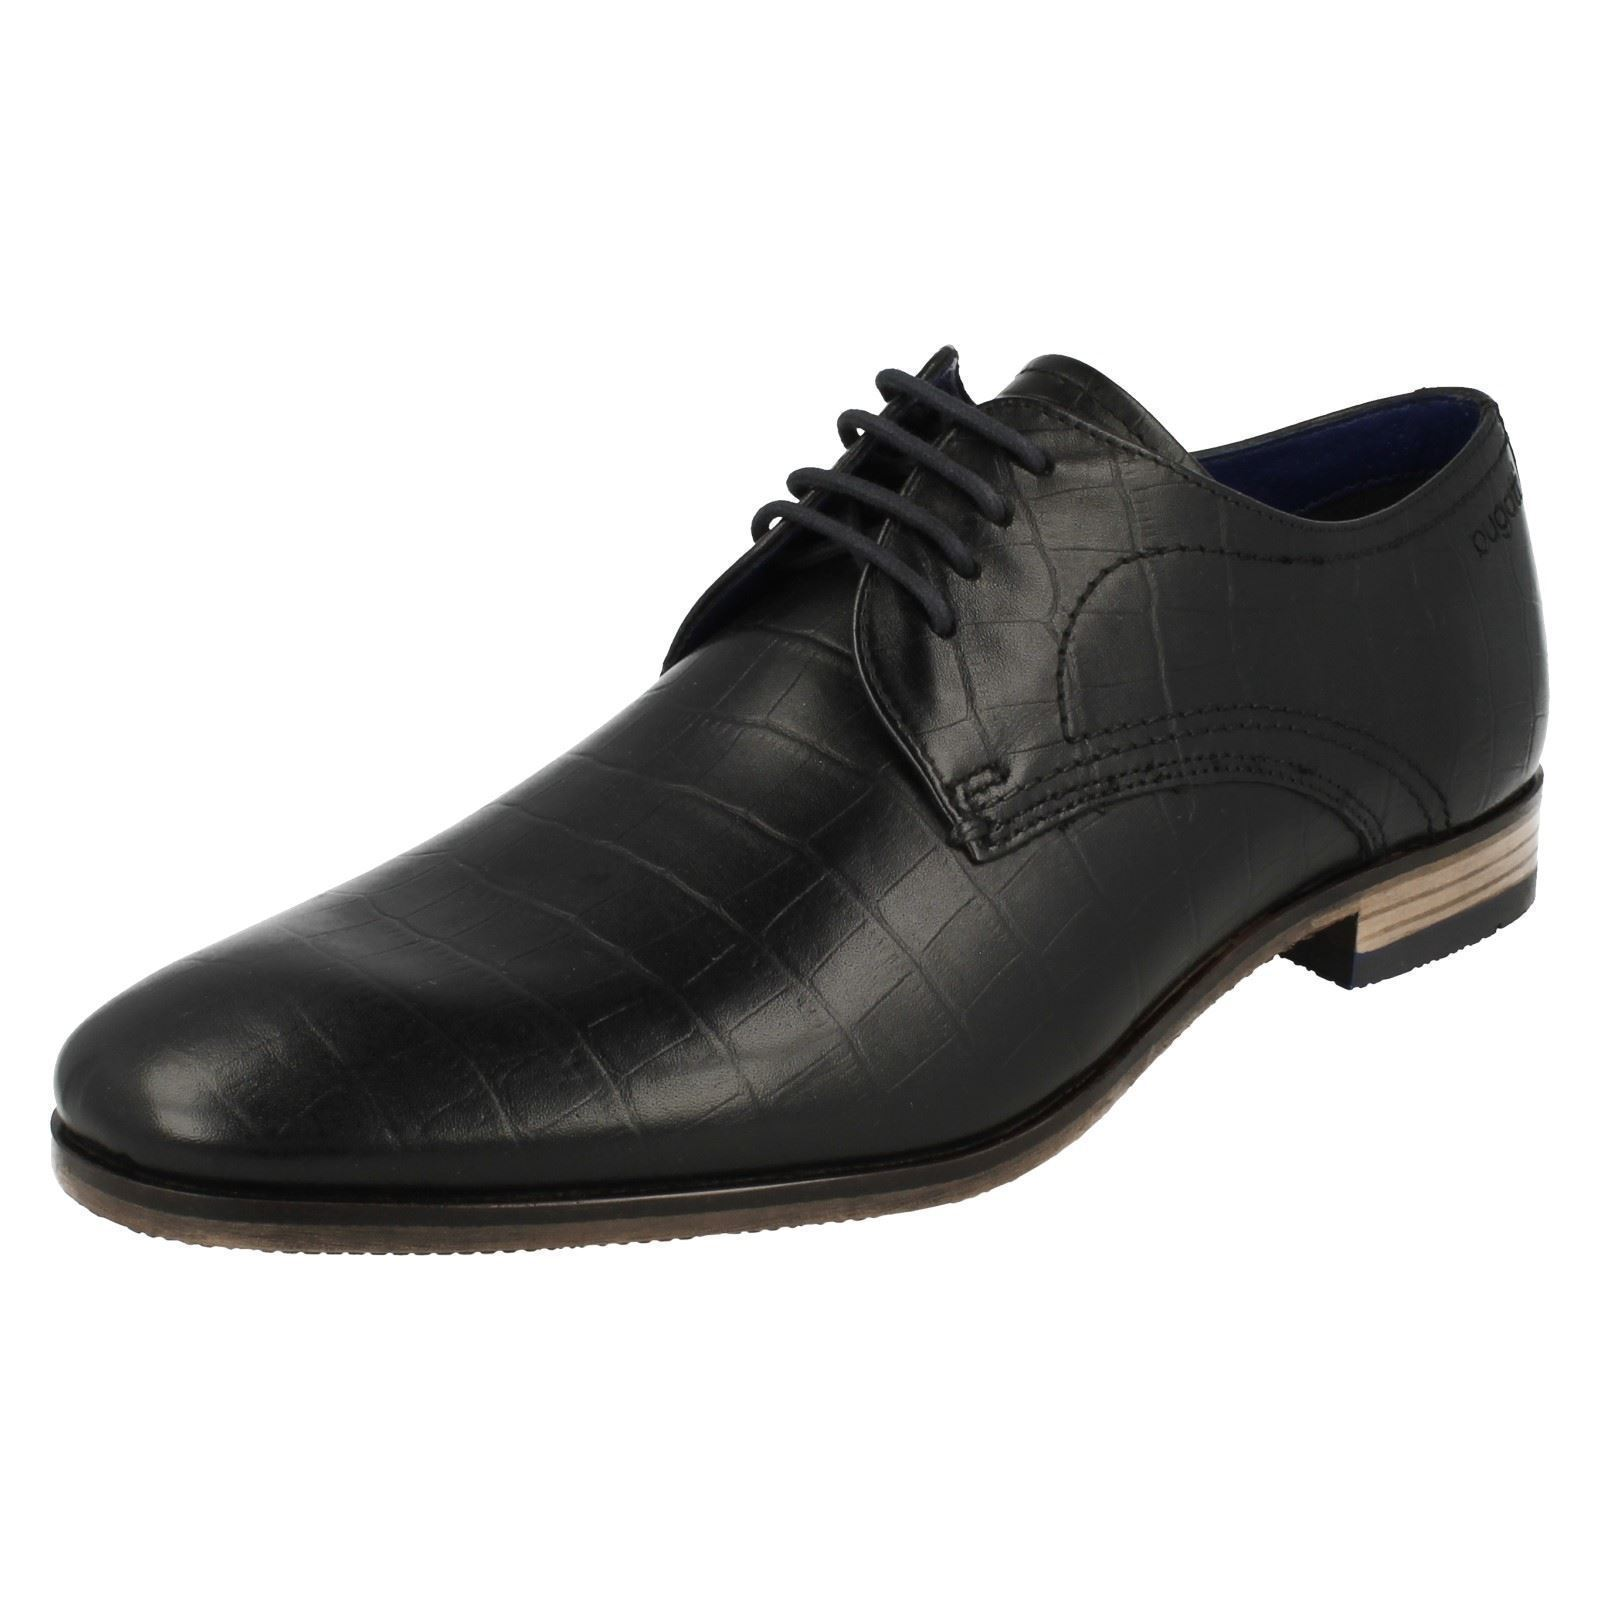 Hombre Bugatti Cordones Puntera rojoonda Cuero Negro Zapatos Trabajo Formal